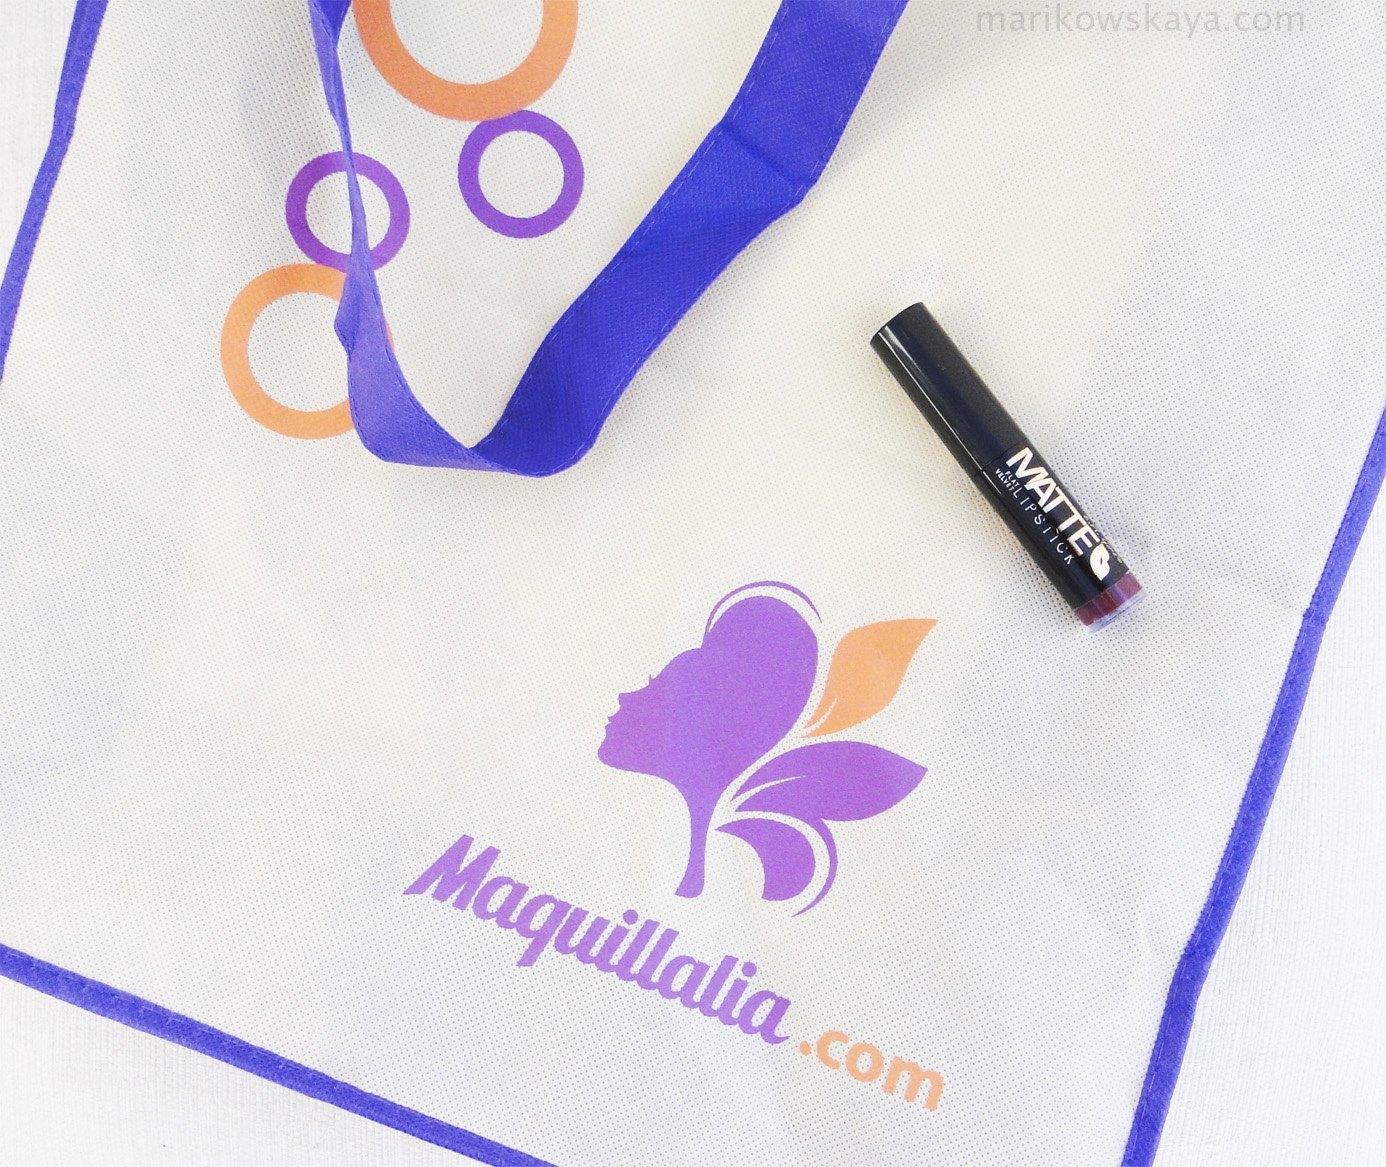 madrid-maquillalia-12